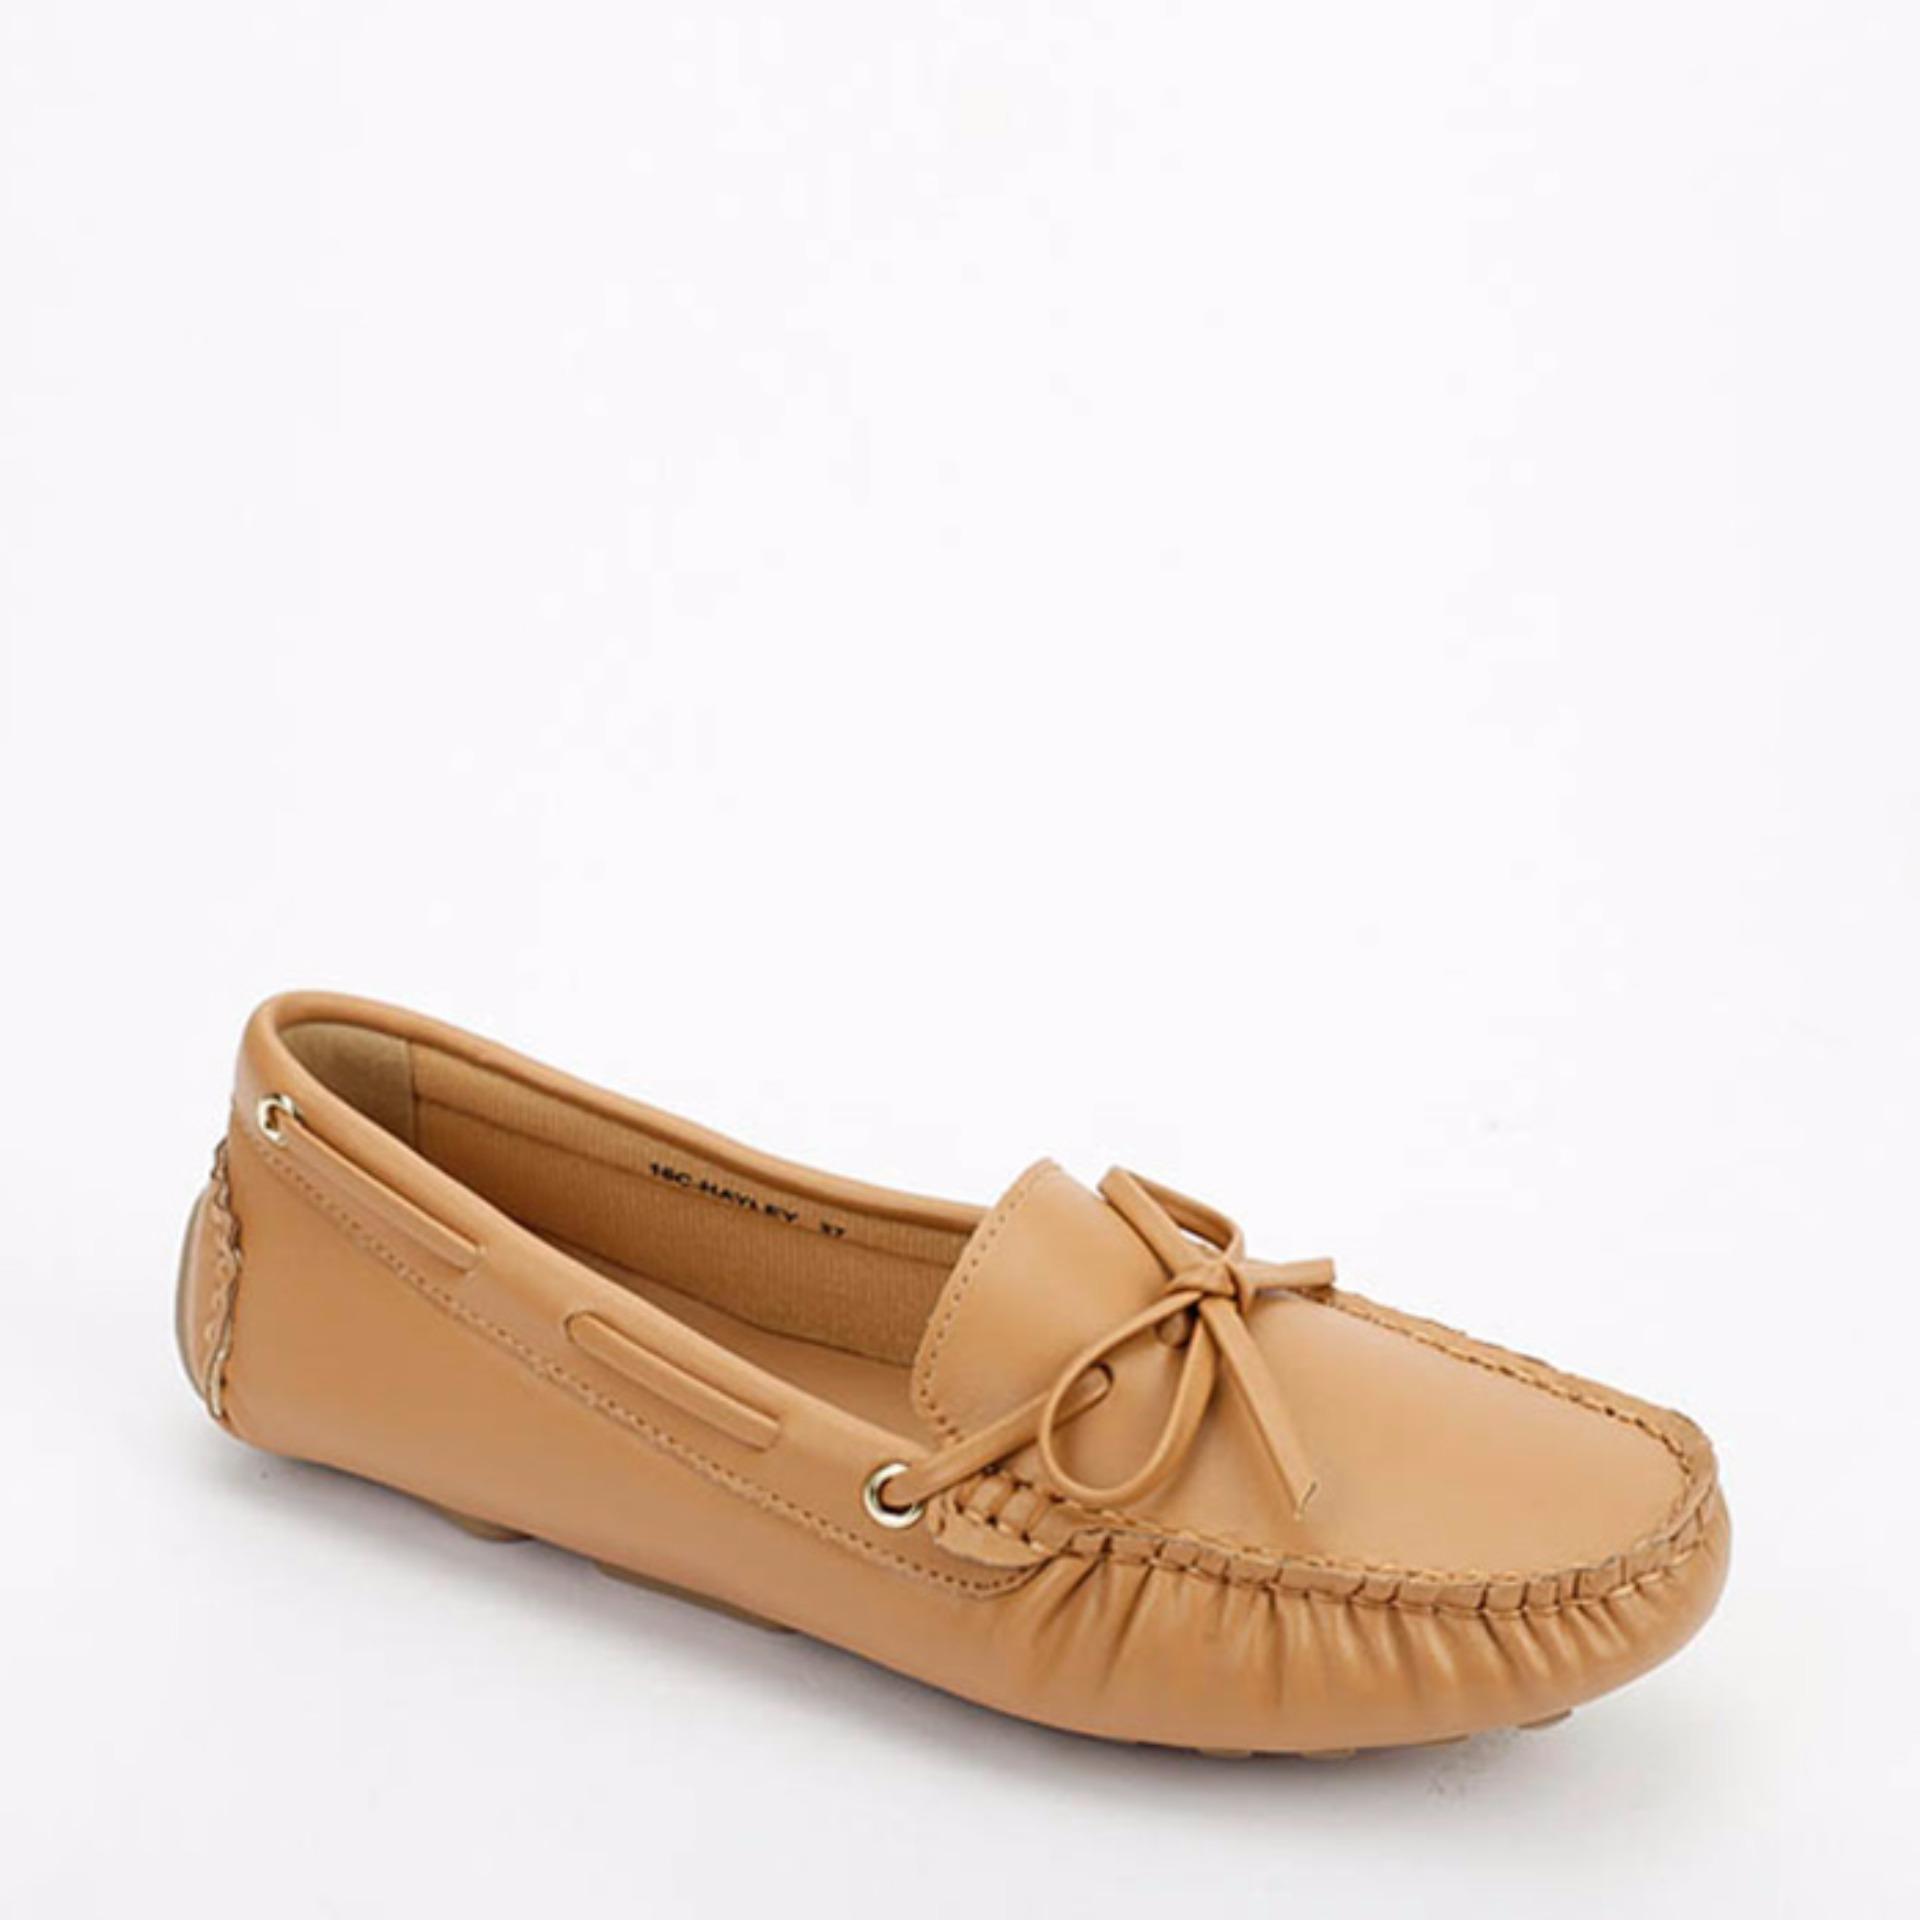 Cln shoes sandals philippines - Cln Shoes Sandals Philippines 43